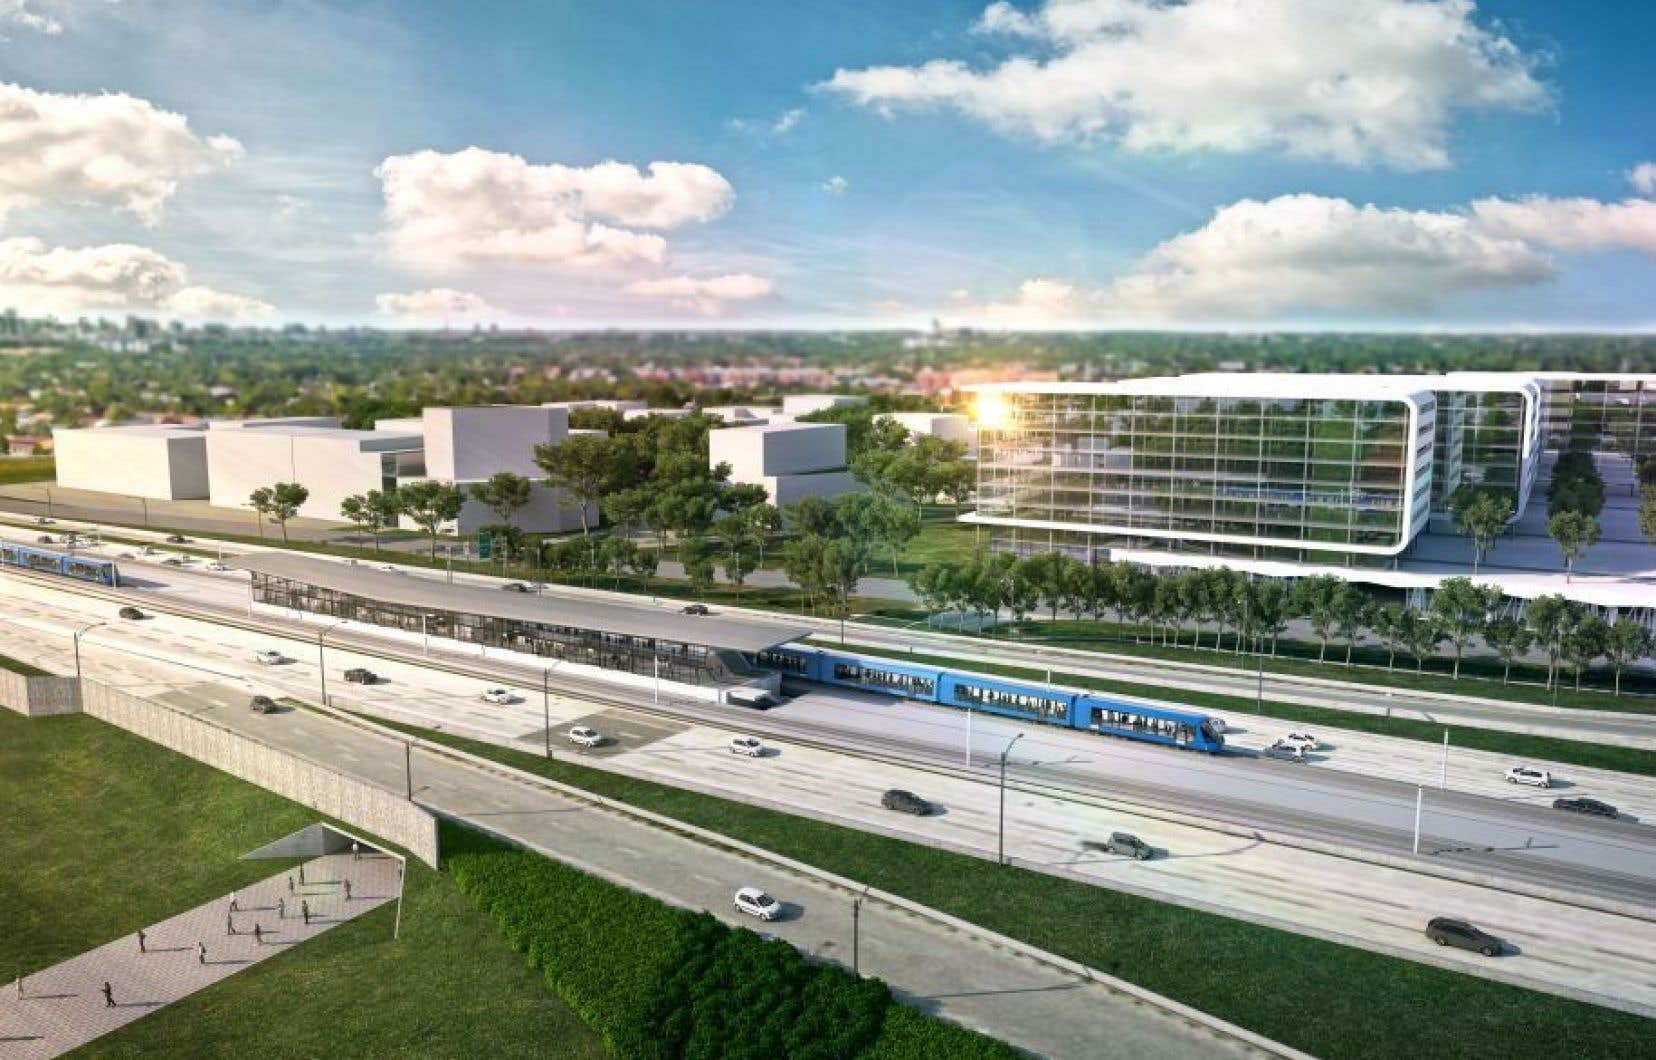 Le projet du REM propose un circuit de train électrique de 67 km.